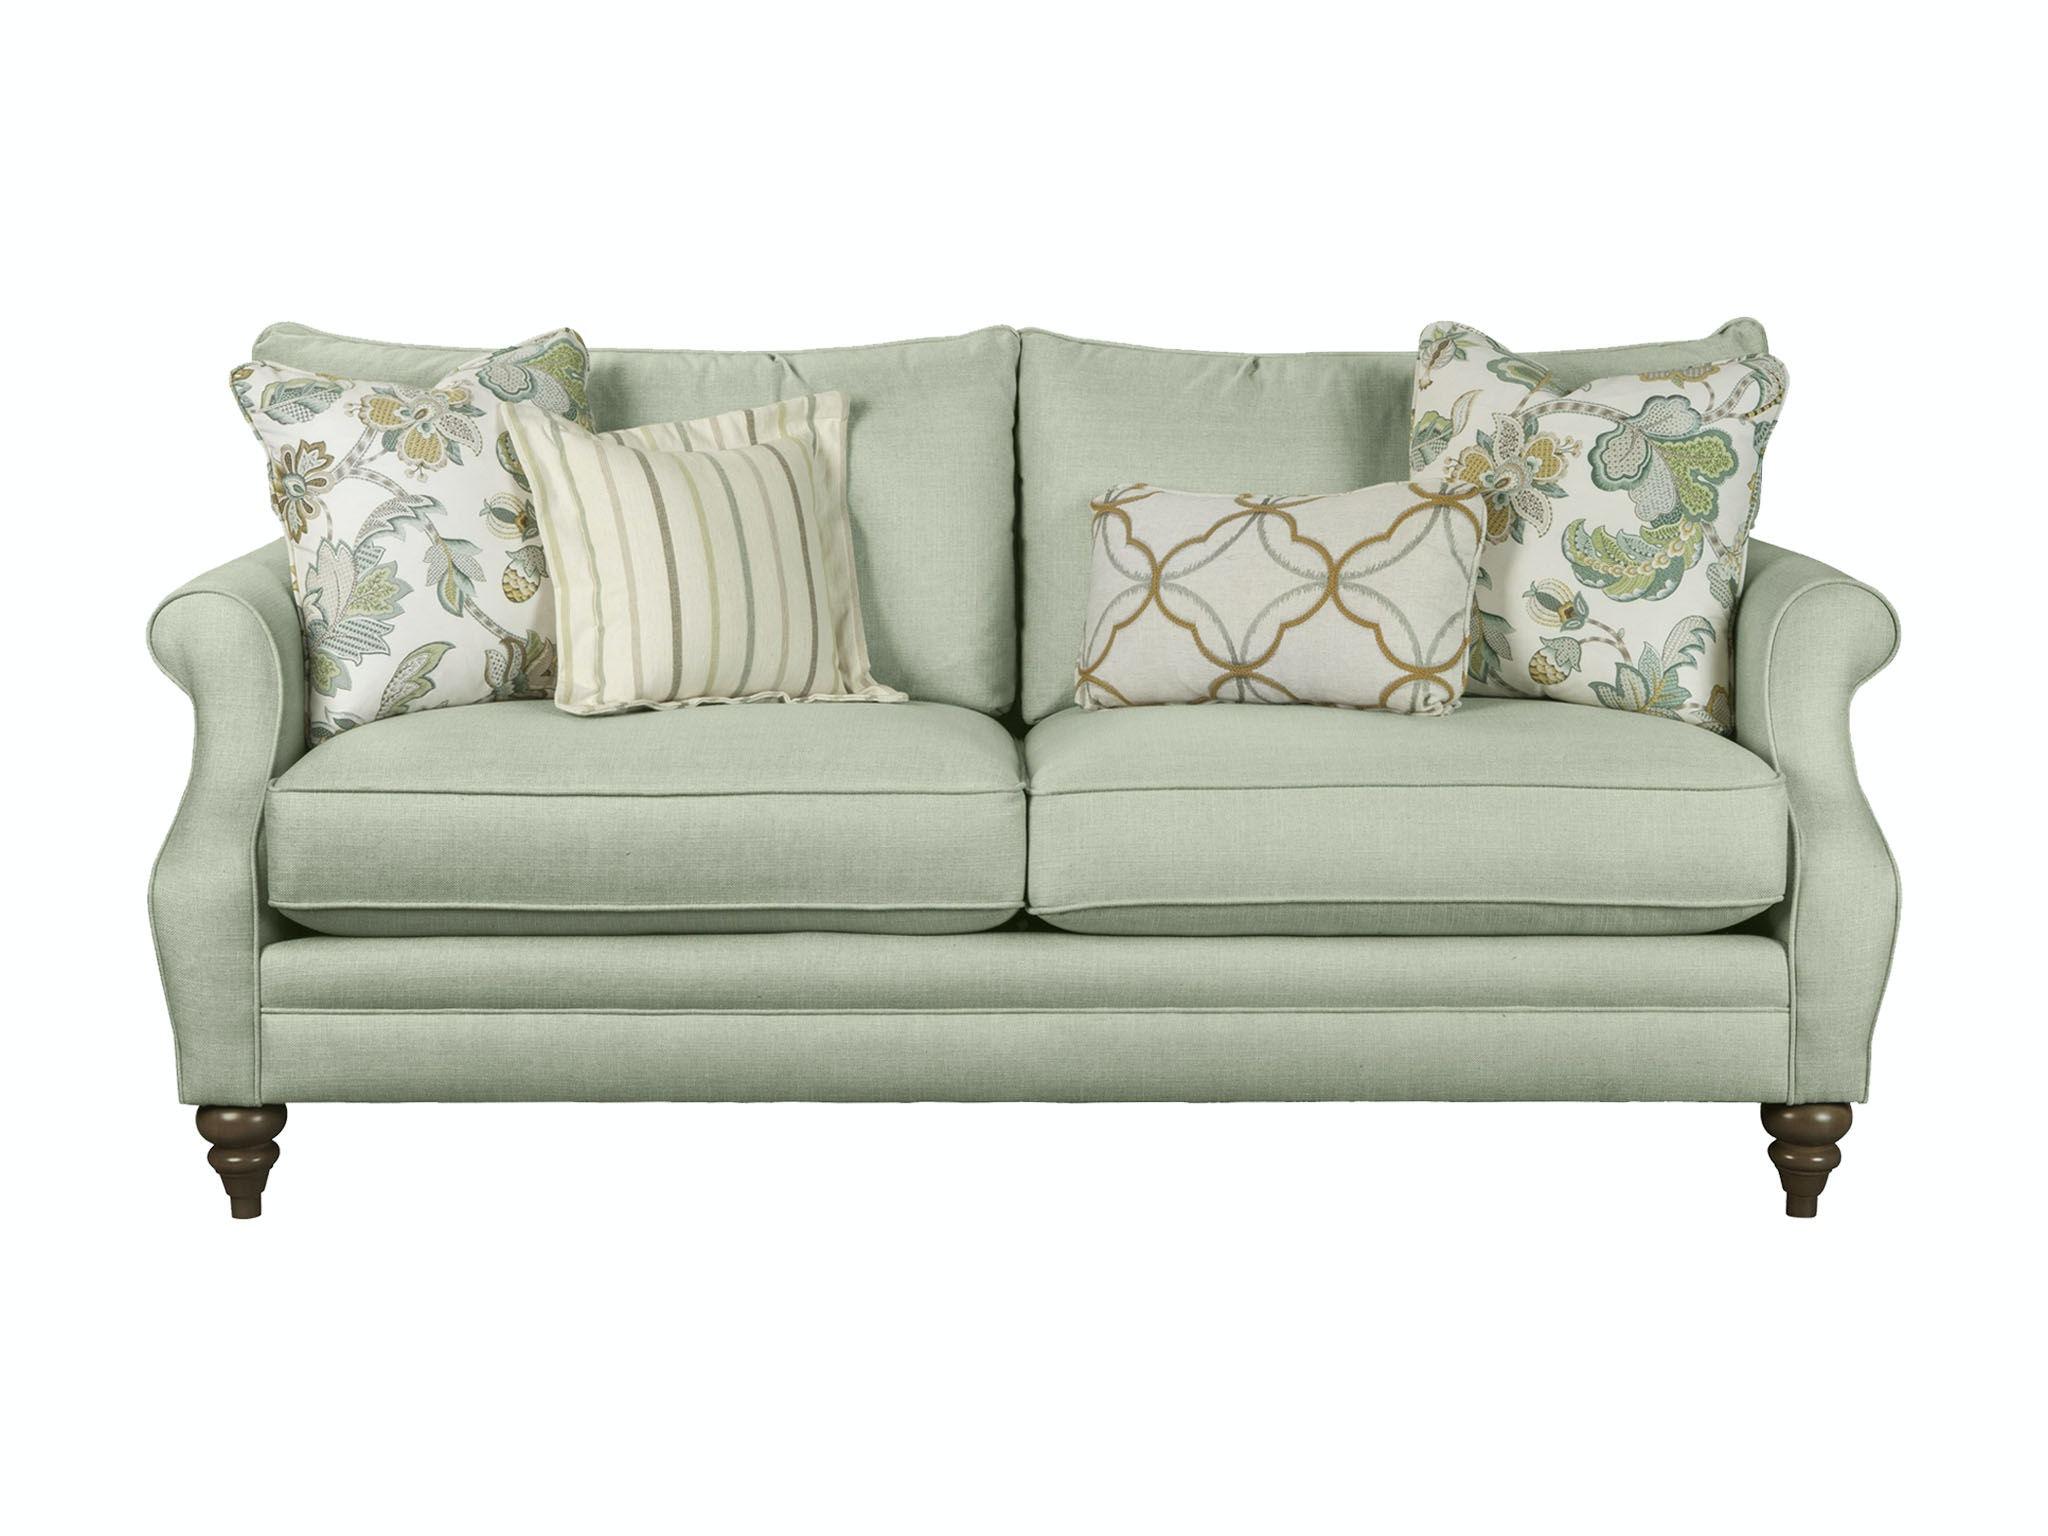 P775650BD. Sofa · P775650BD · Paula Deen By Craftmaster